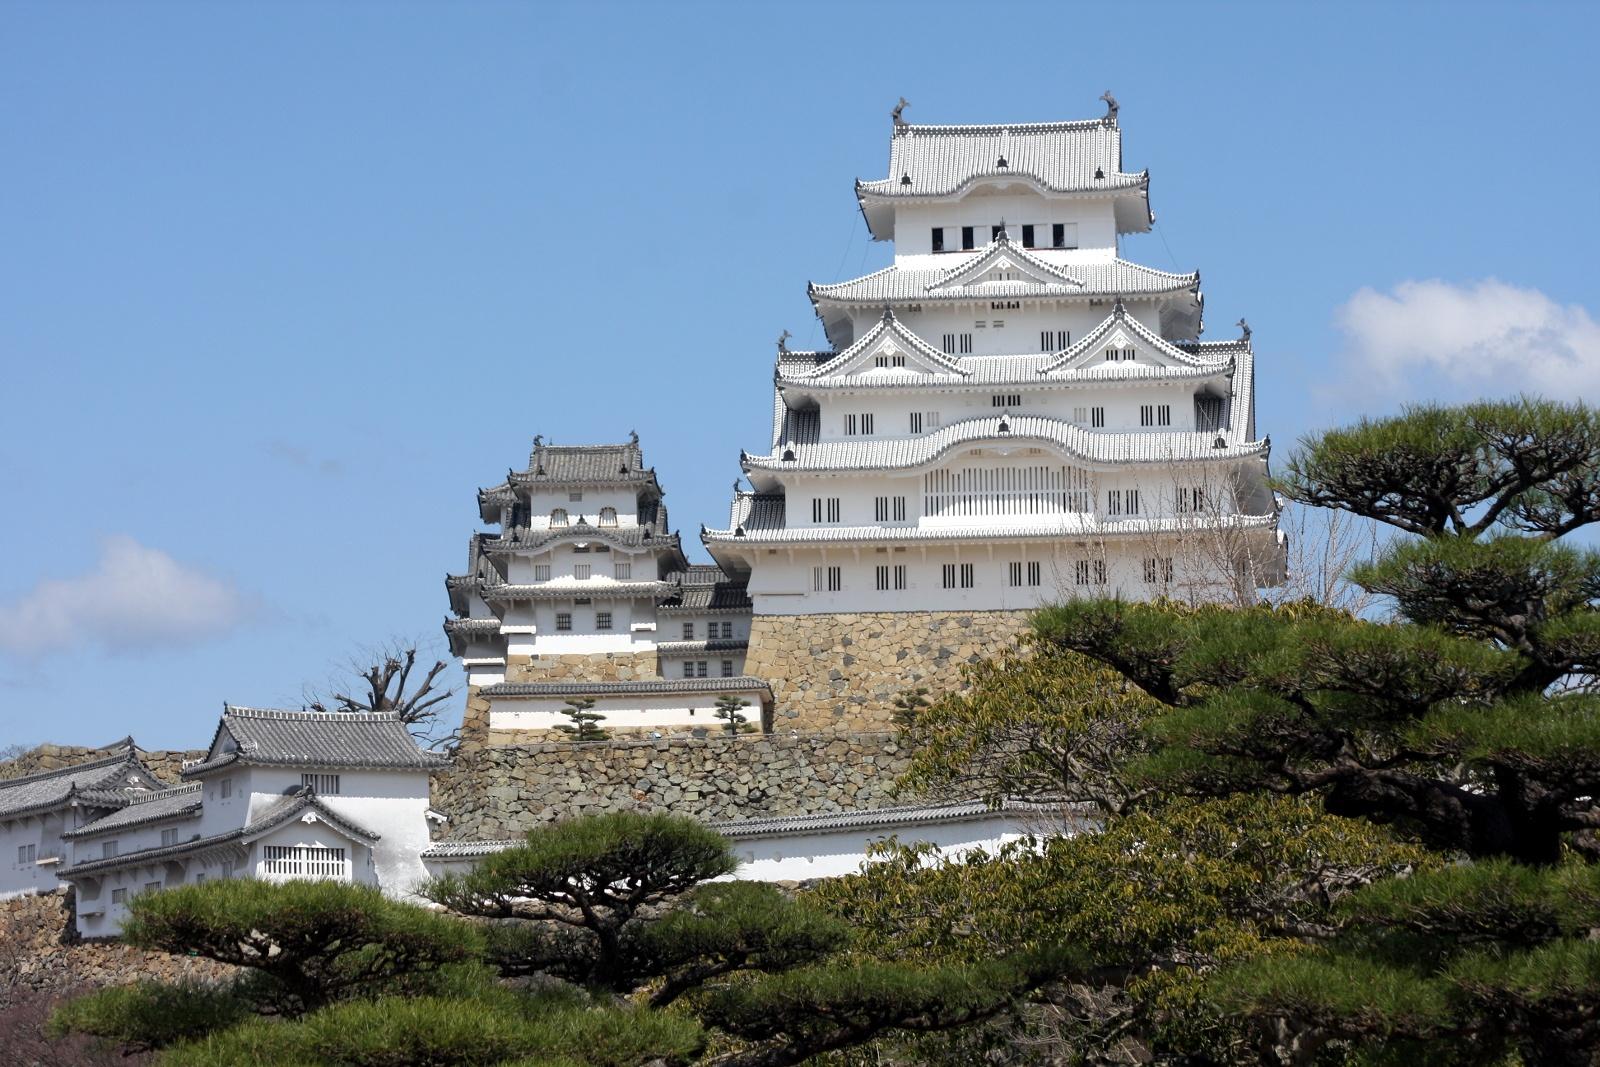 Ciekawe miejsca wJaponii: zamek Himeji-jō (Zamek Białej Czapli), Himeji, prefektura Hyogo